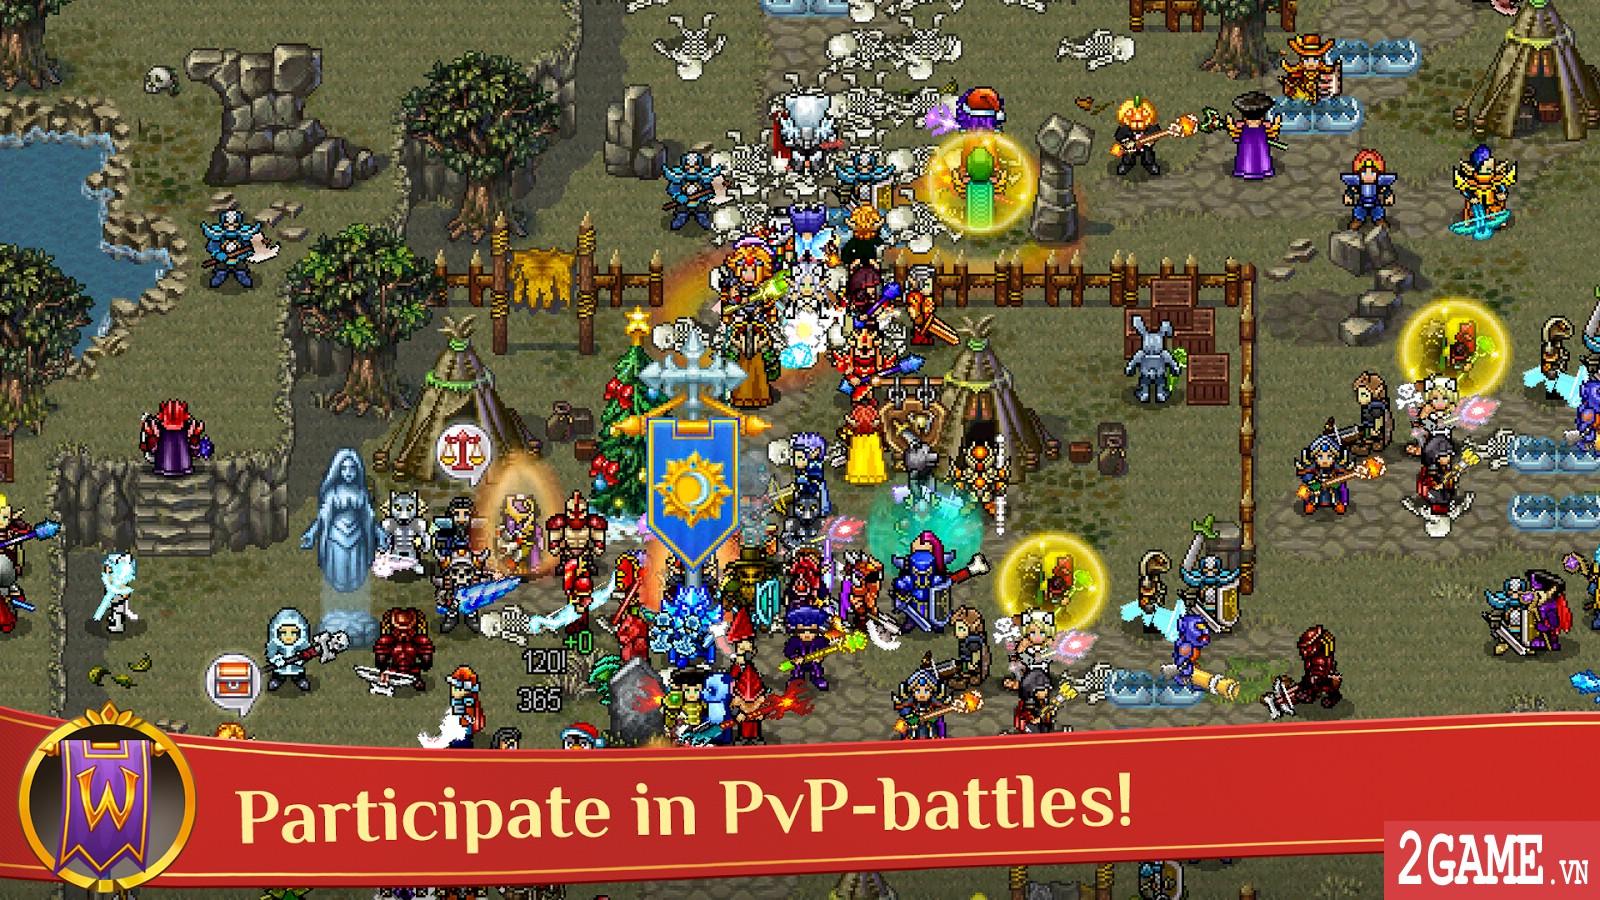 Warspear Online - Game nhập vai thế giới mở vô cùng rộng lớn 2